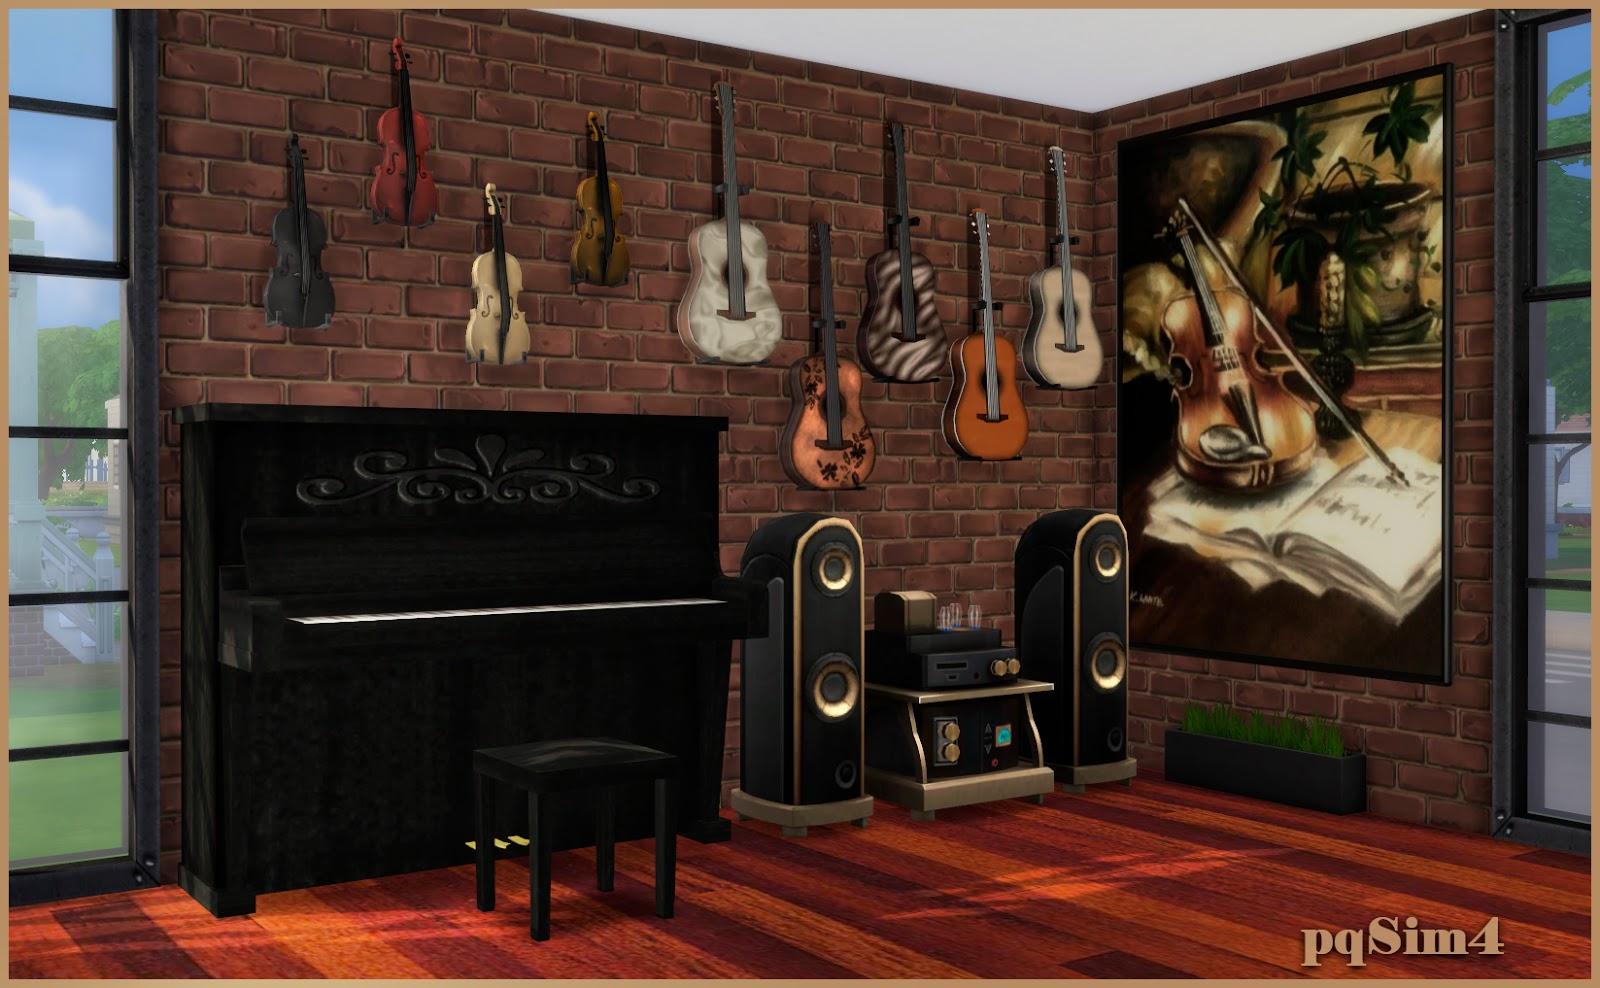 Sala de m sica cleo sims 4 custom content for Sala de estar sims 4